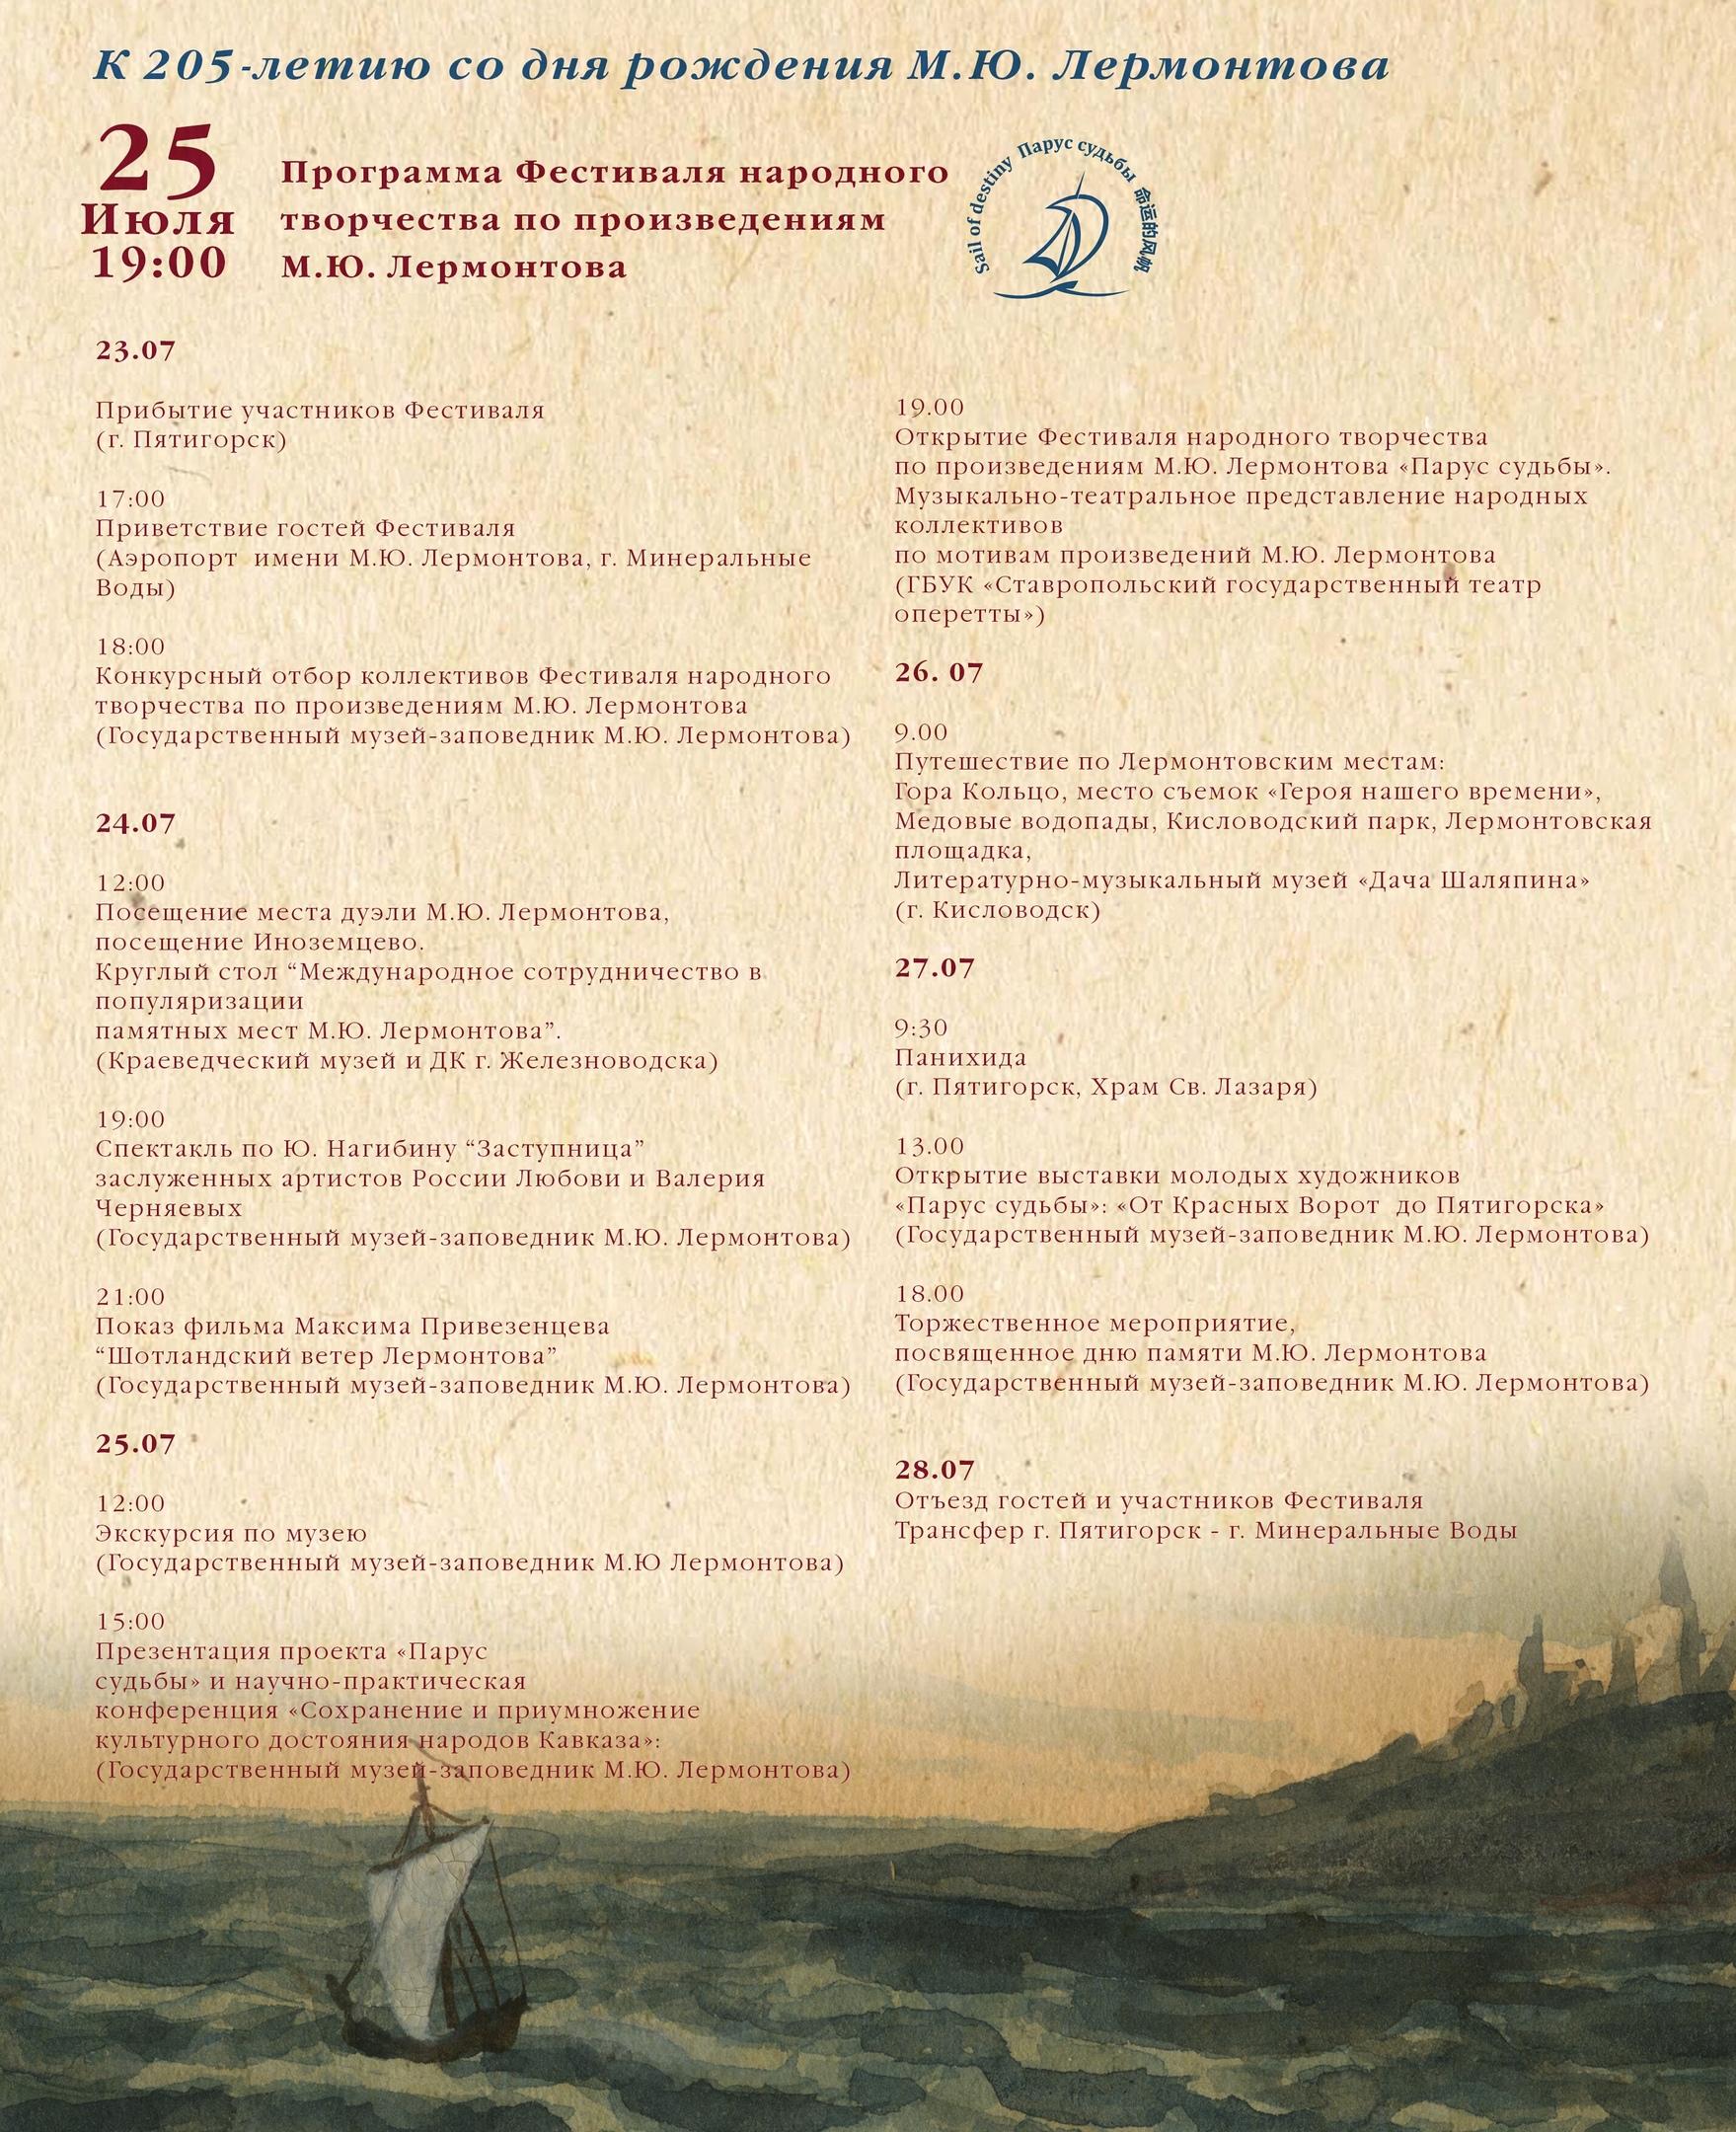 С 23 по 28 июля в Пятигорске, Железноводске и Кисловодске пройдет Международный Фестиваль народного творчества по произведениям М.Ю.Лермонтова «Парус судьбы»